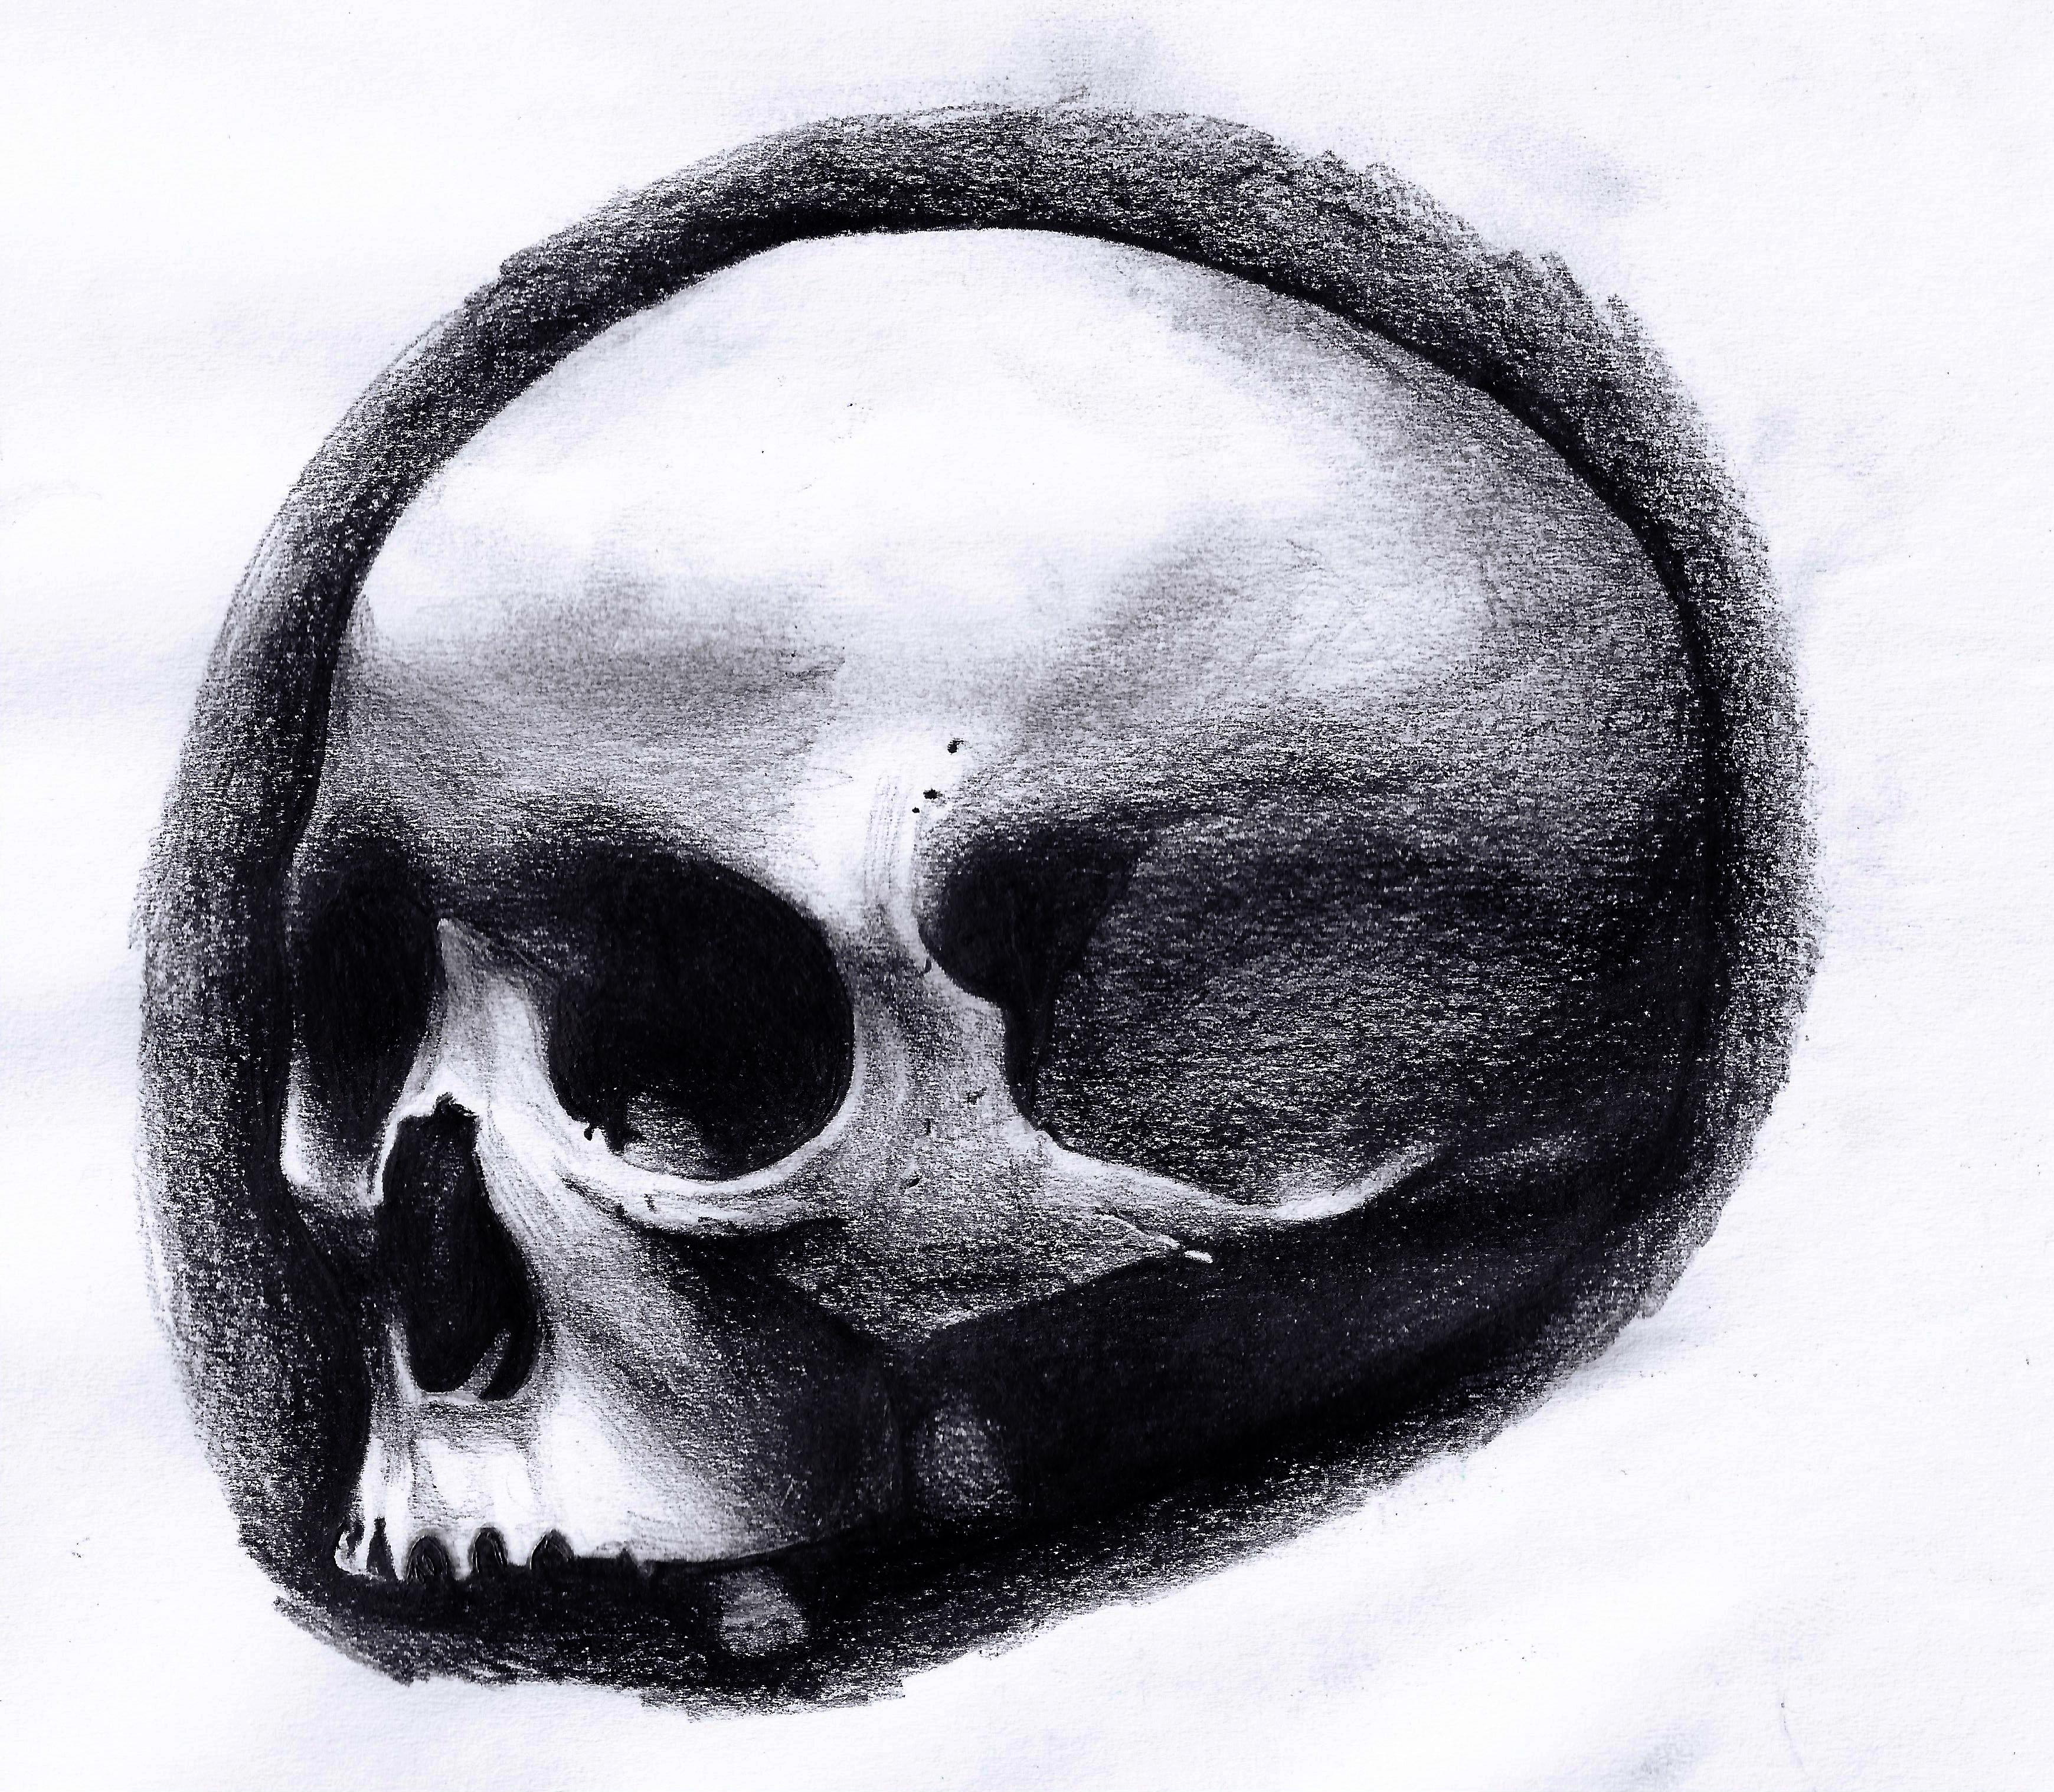 Прикольные черепа рисунки, можно сделать